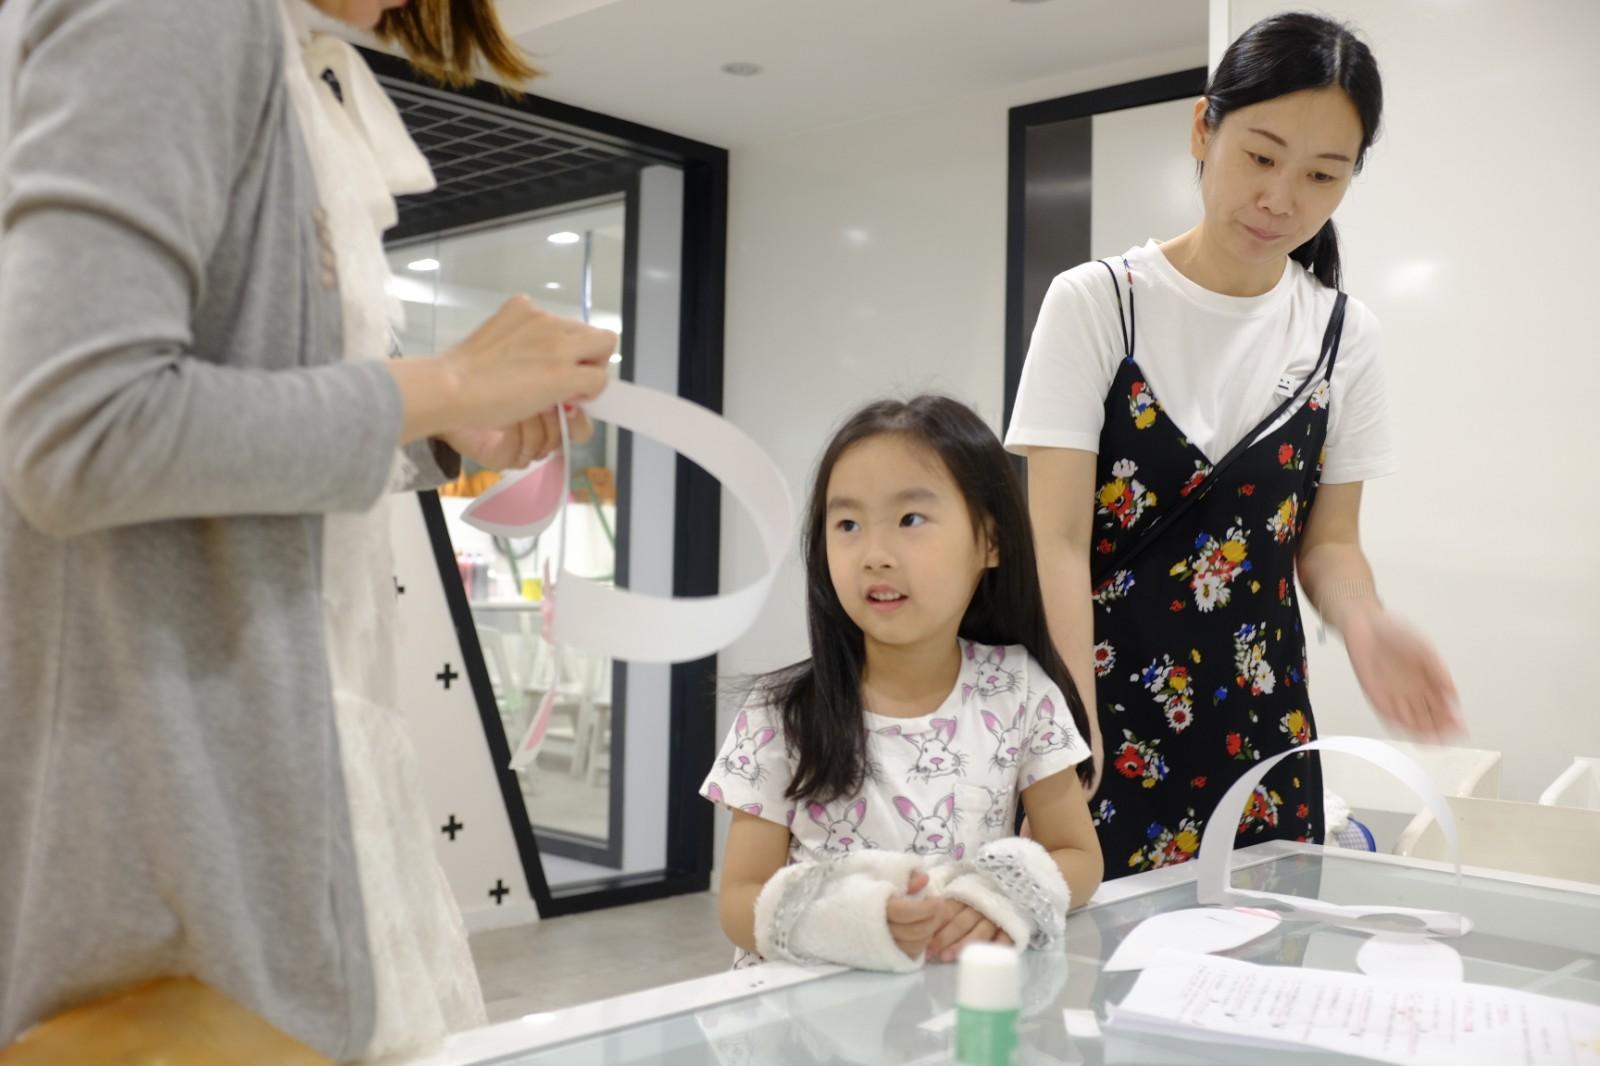 儿童美术培训对孩子有哪些影响?孩子如何学习线描画?